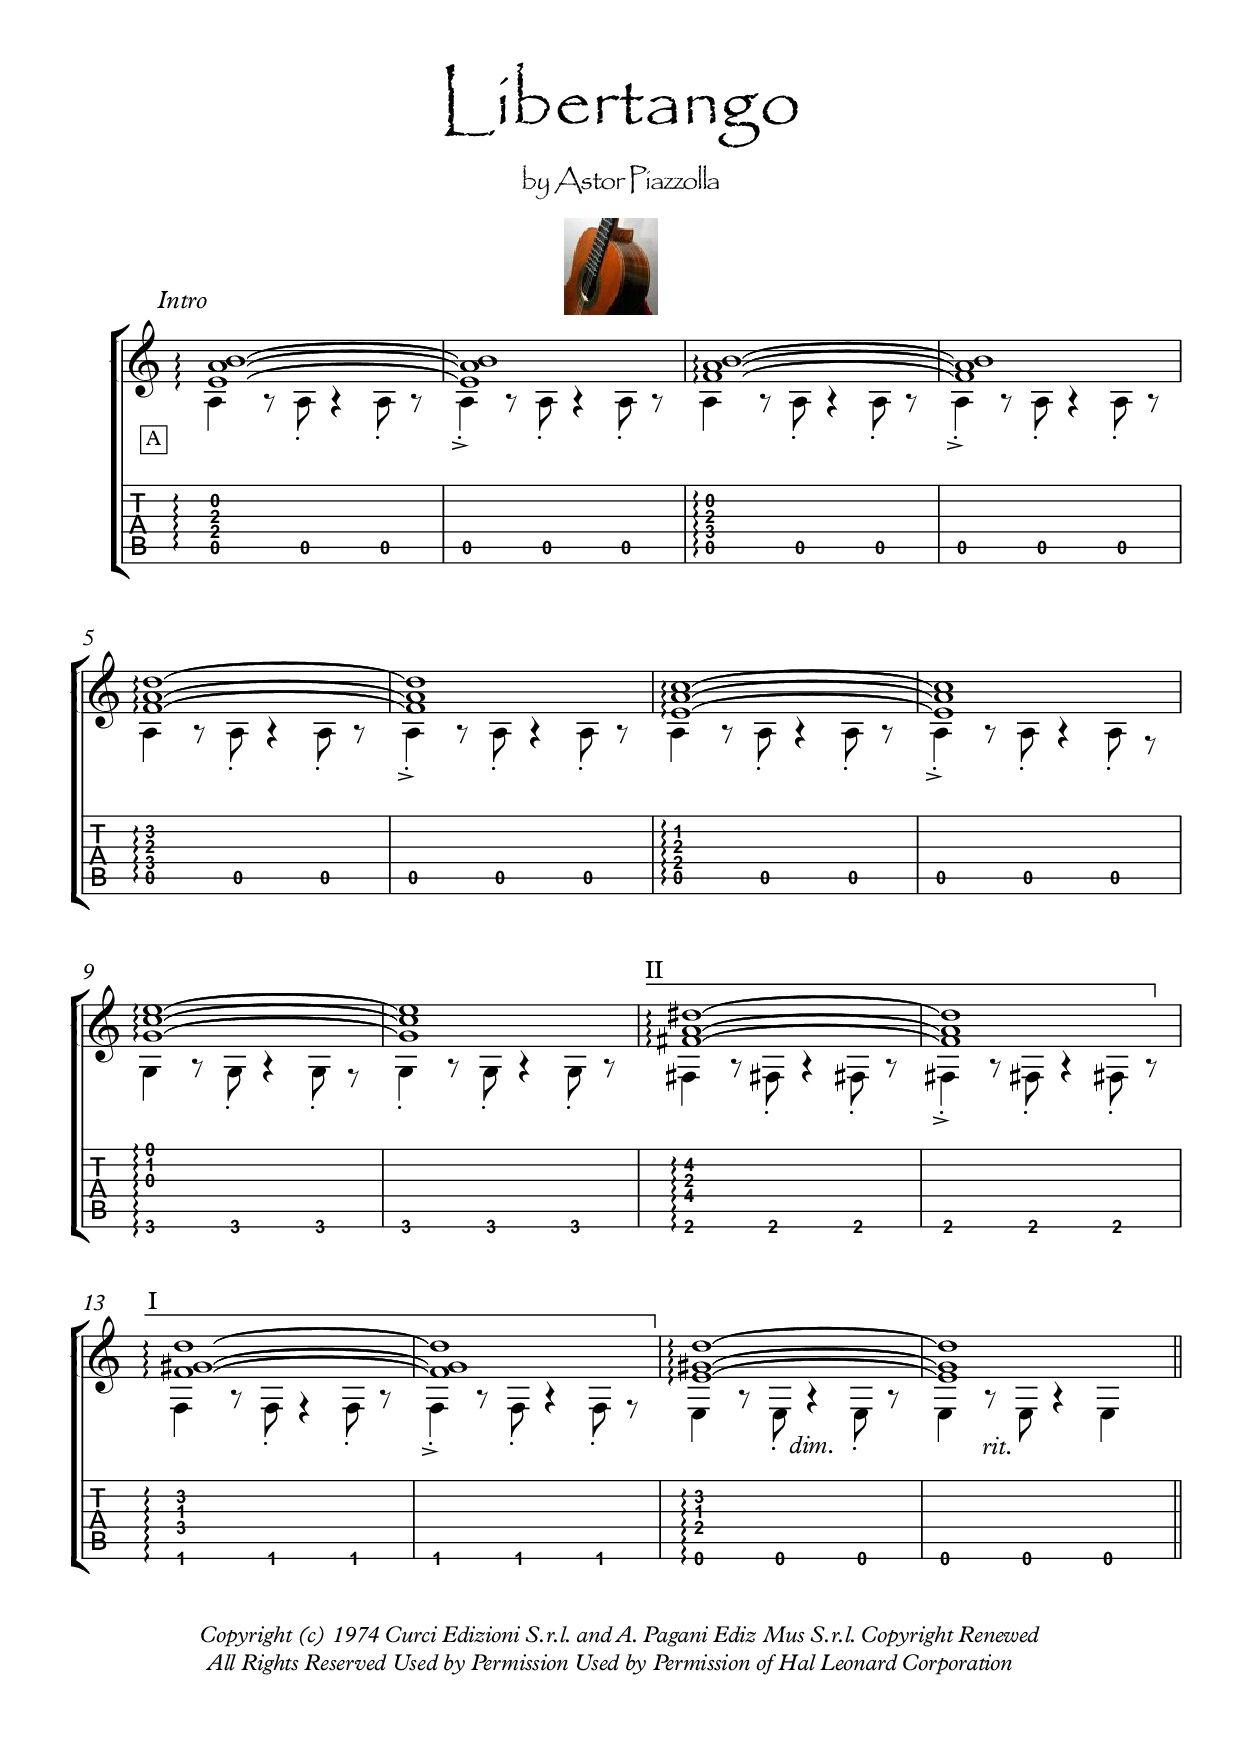 Pin On Guitar Latin Hits Sheet Music Downloads